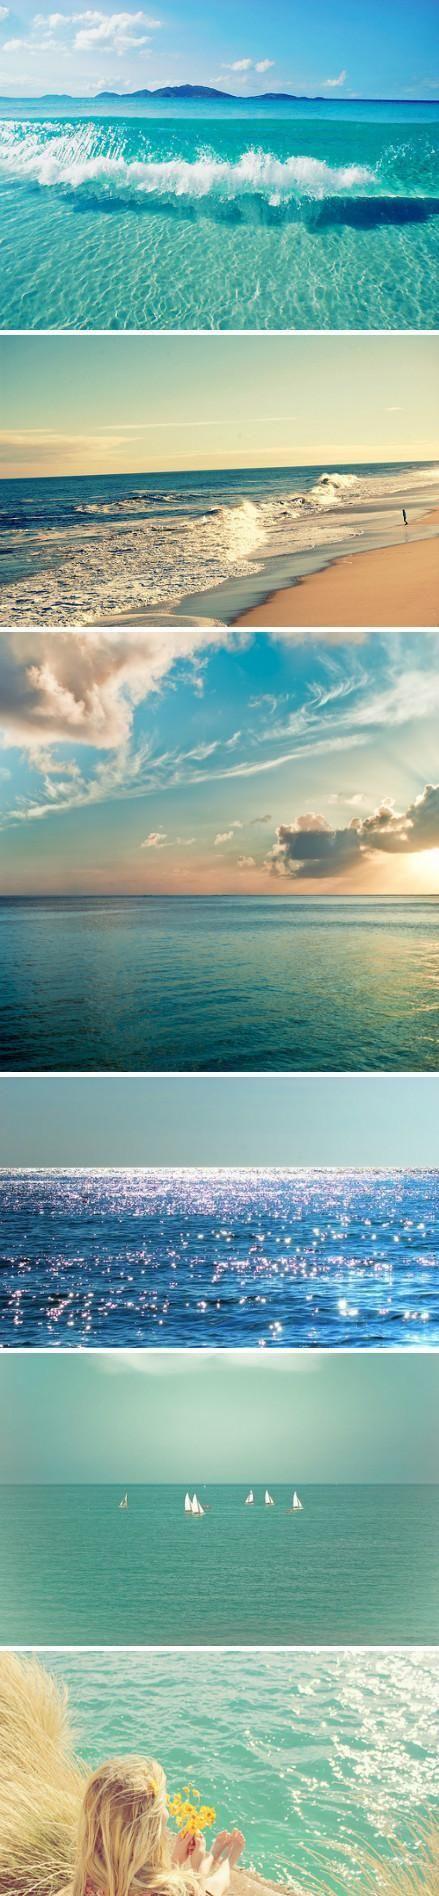 The ocean + beach. Always.